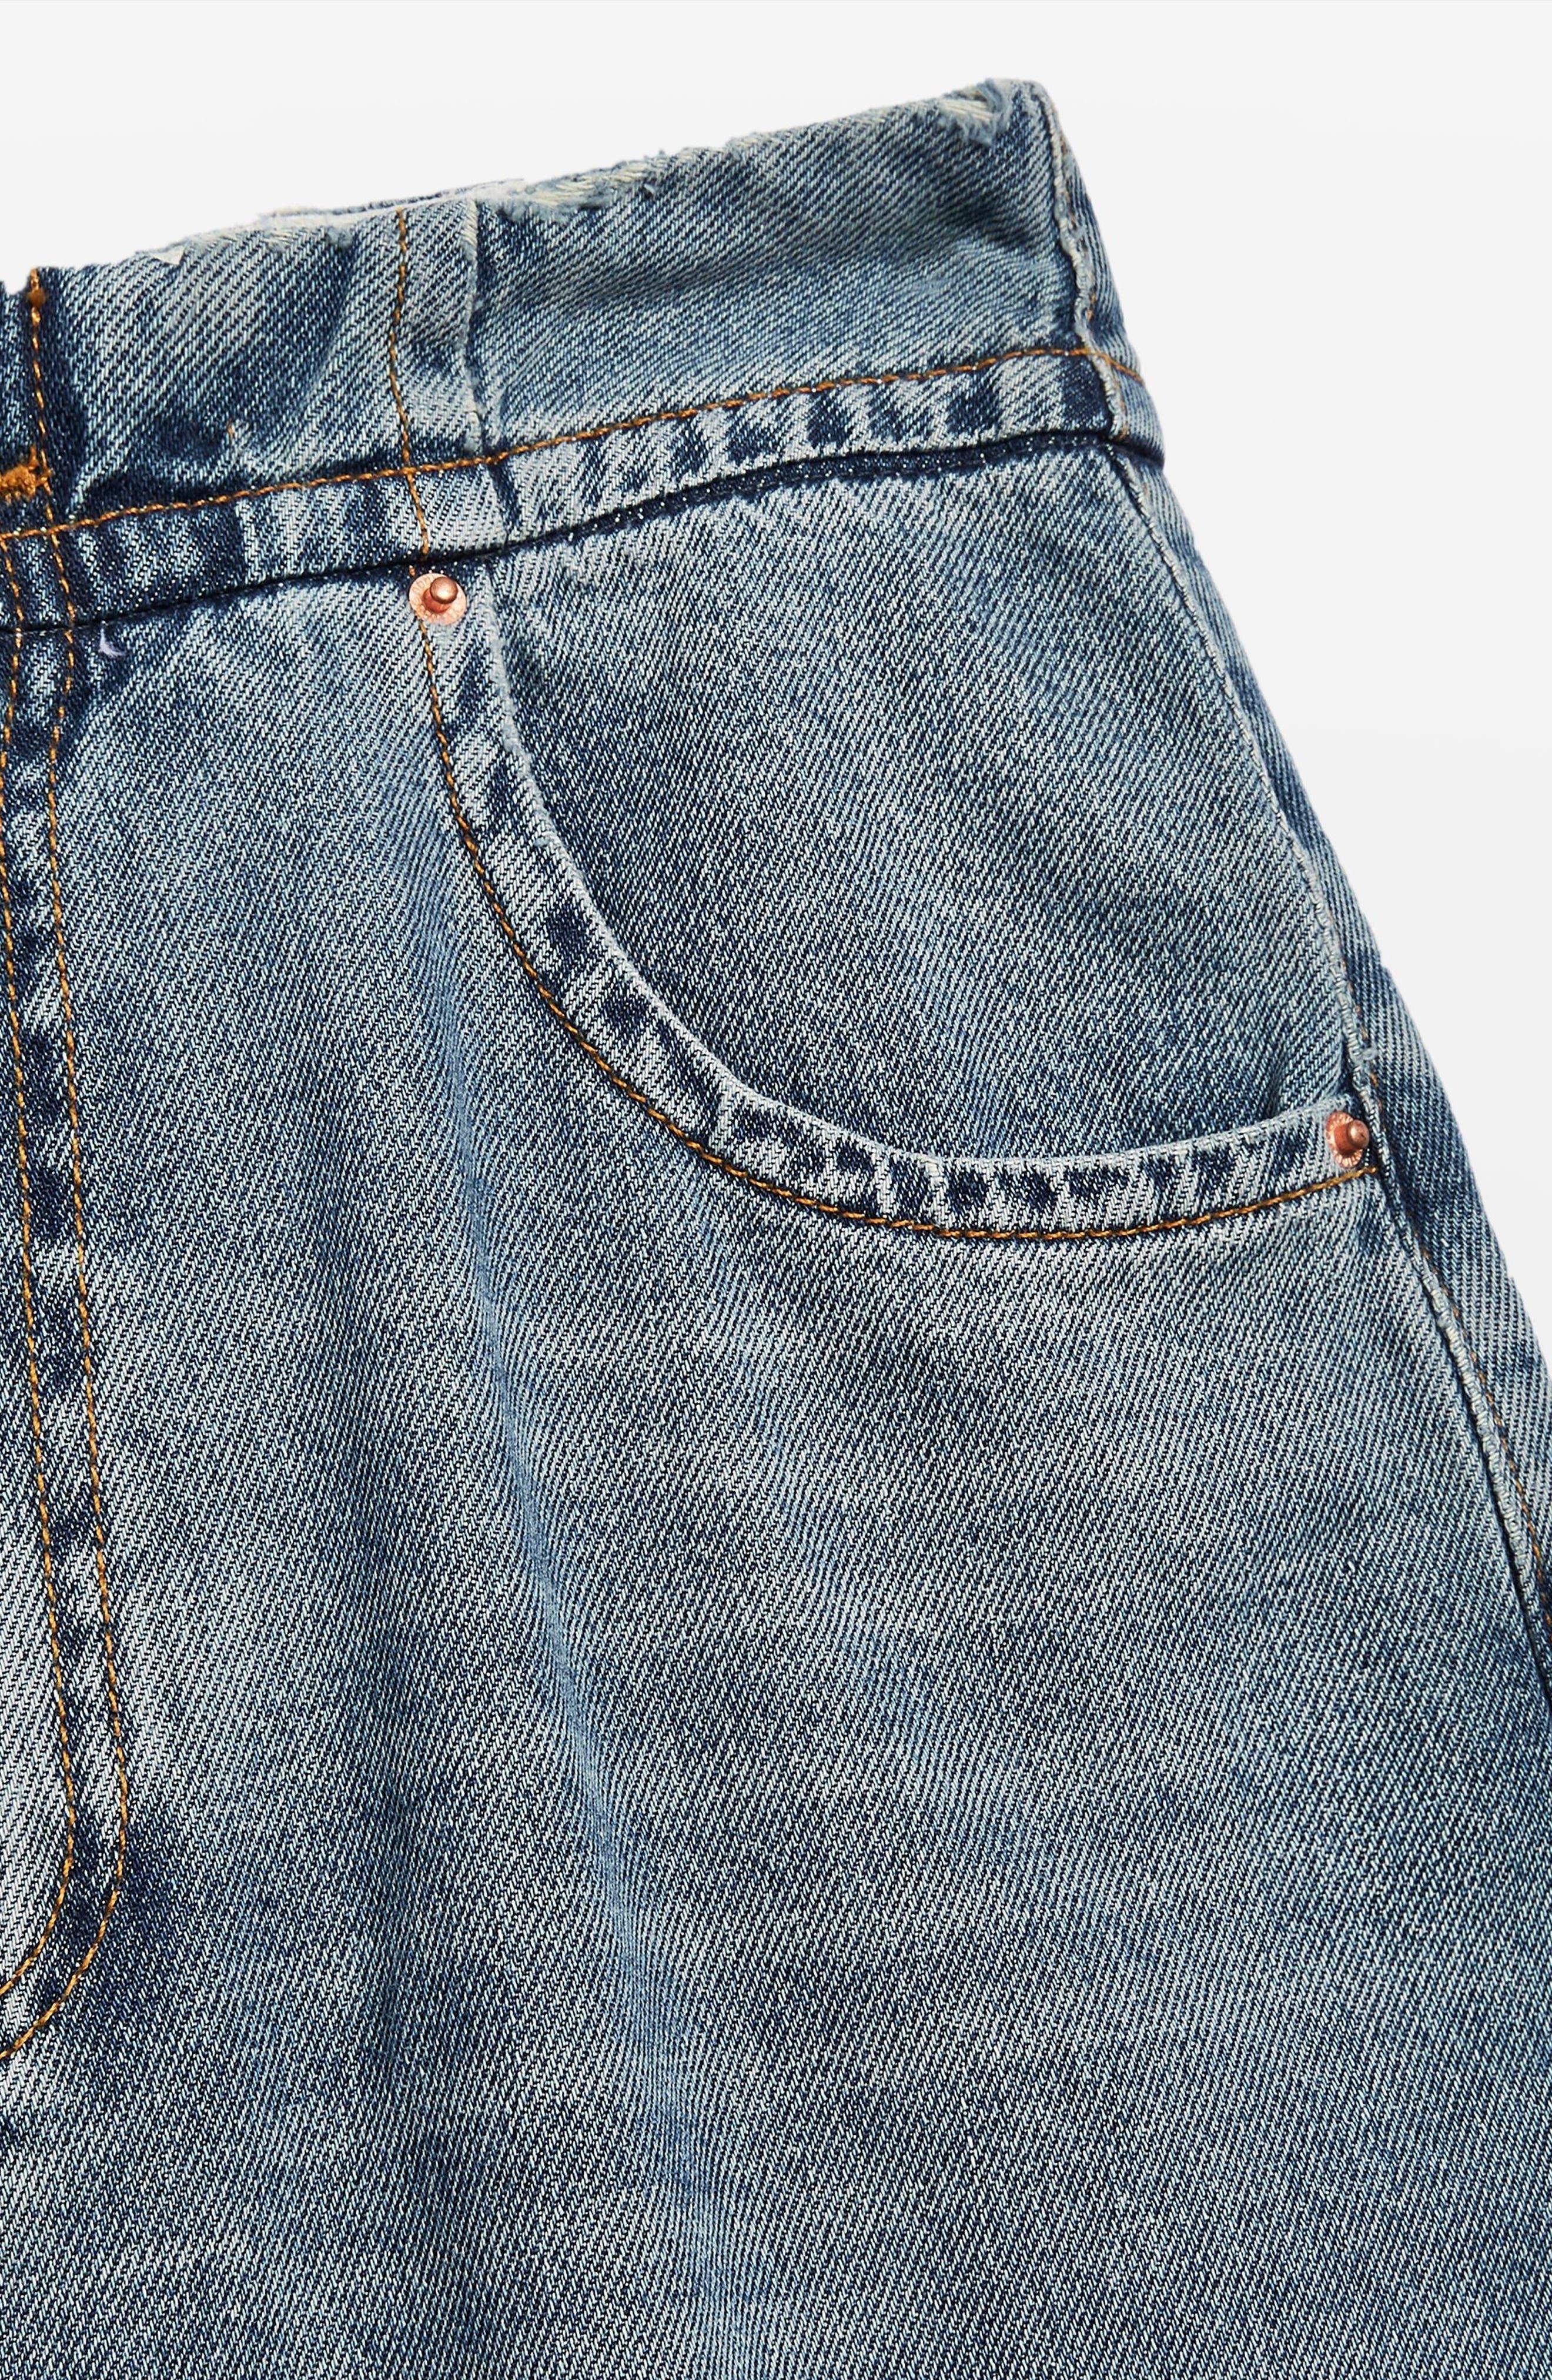 Slouch Cinch Jeans,                             Alternate thumbnail 5, color,                             Blue